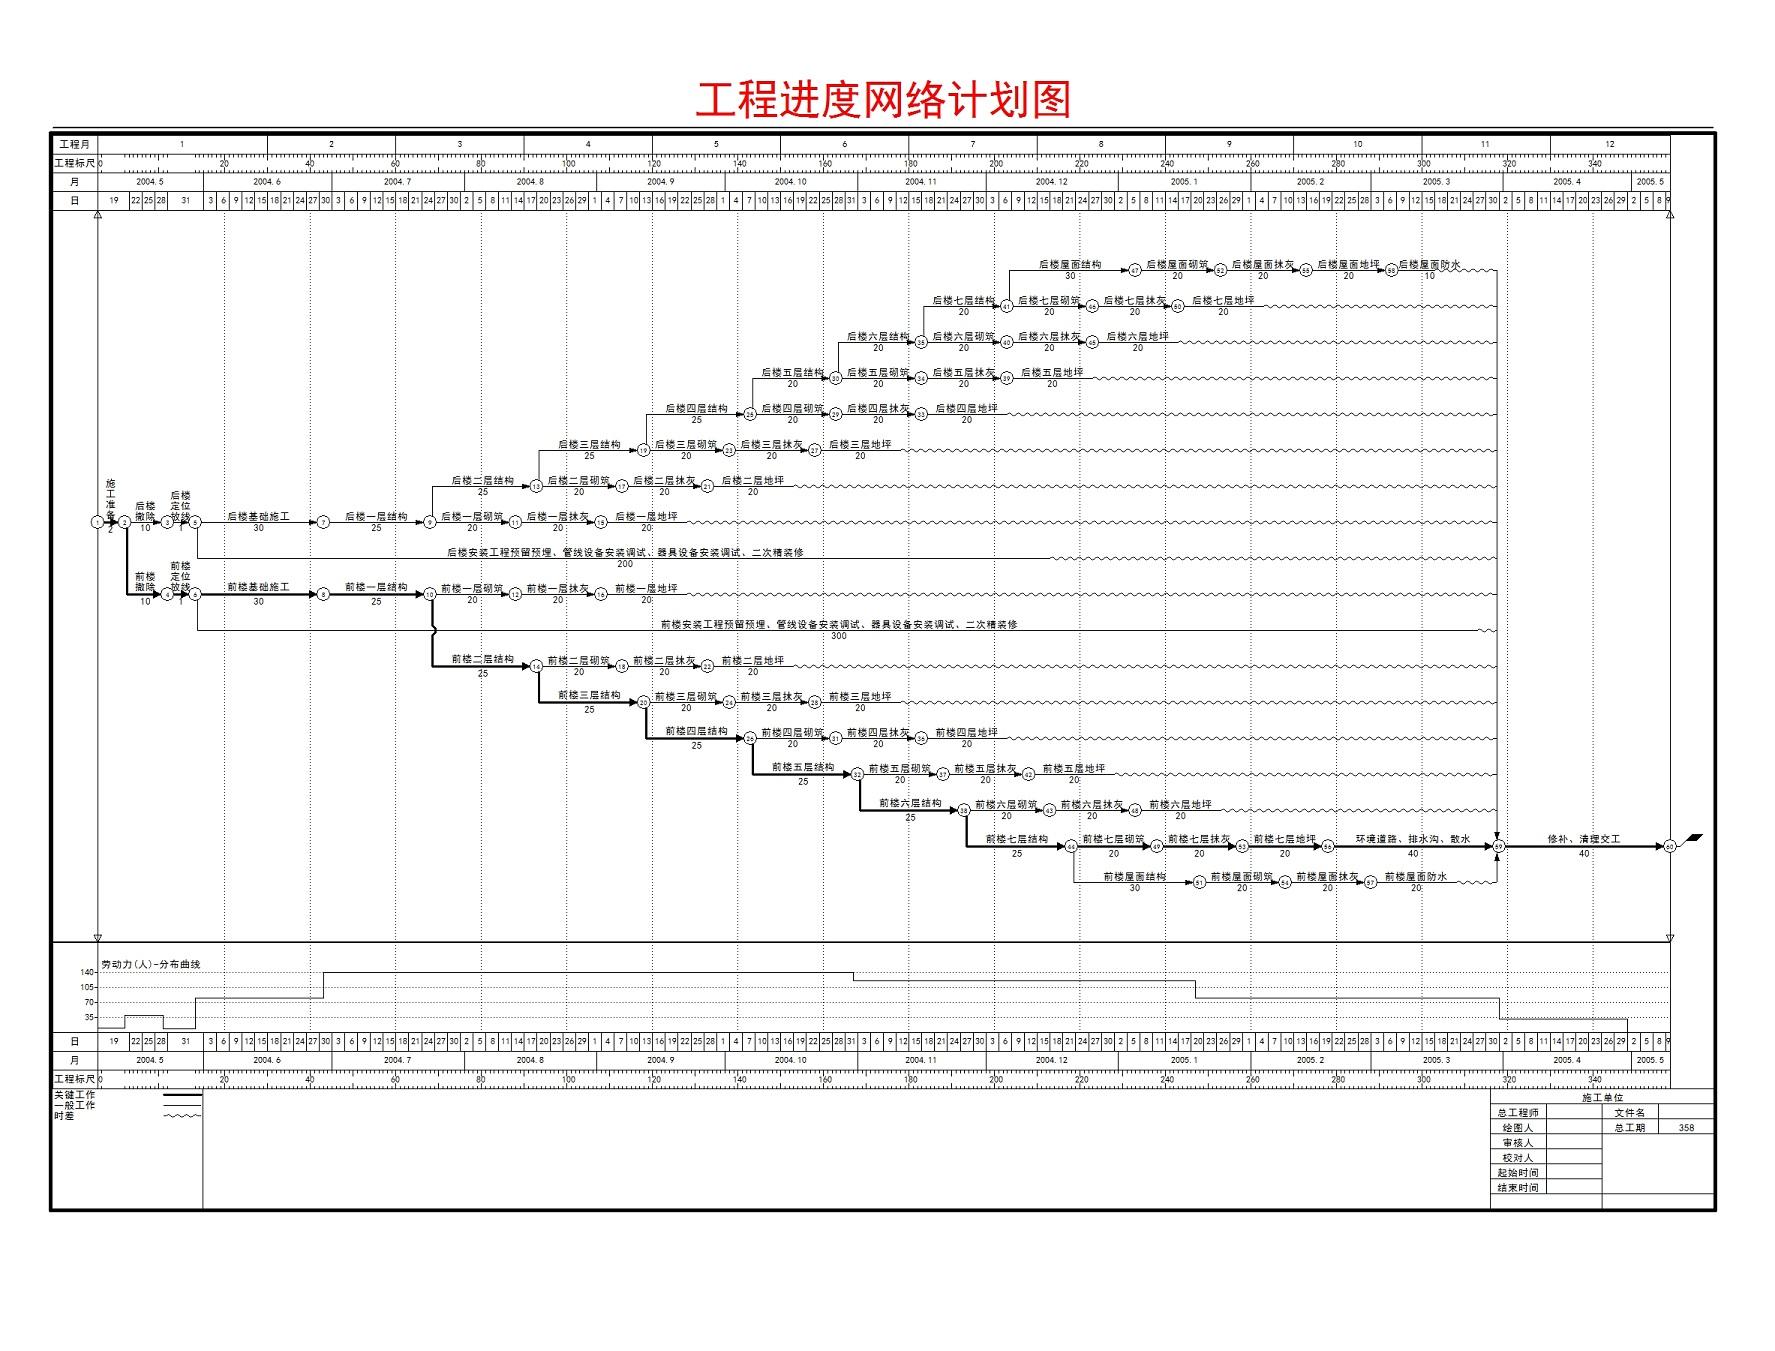 翰文网络图绘制软件截图1